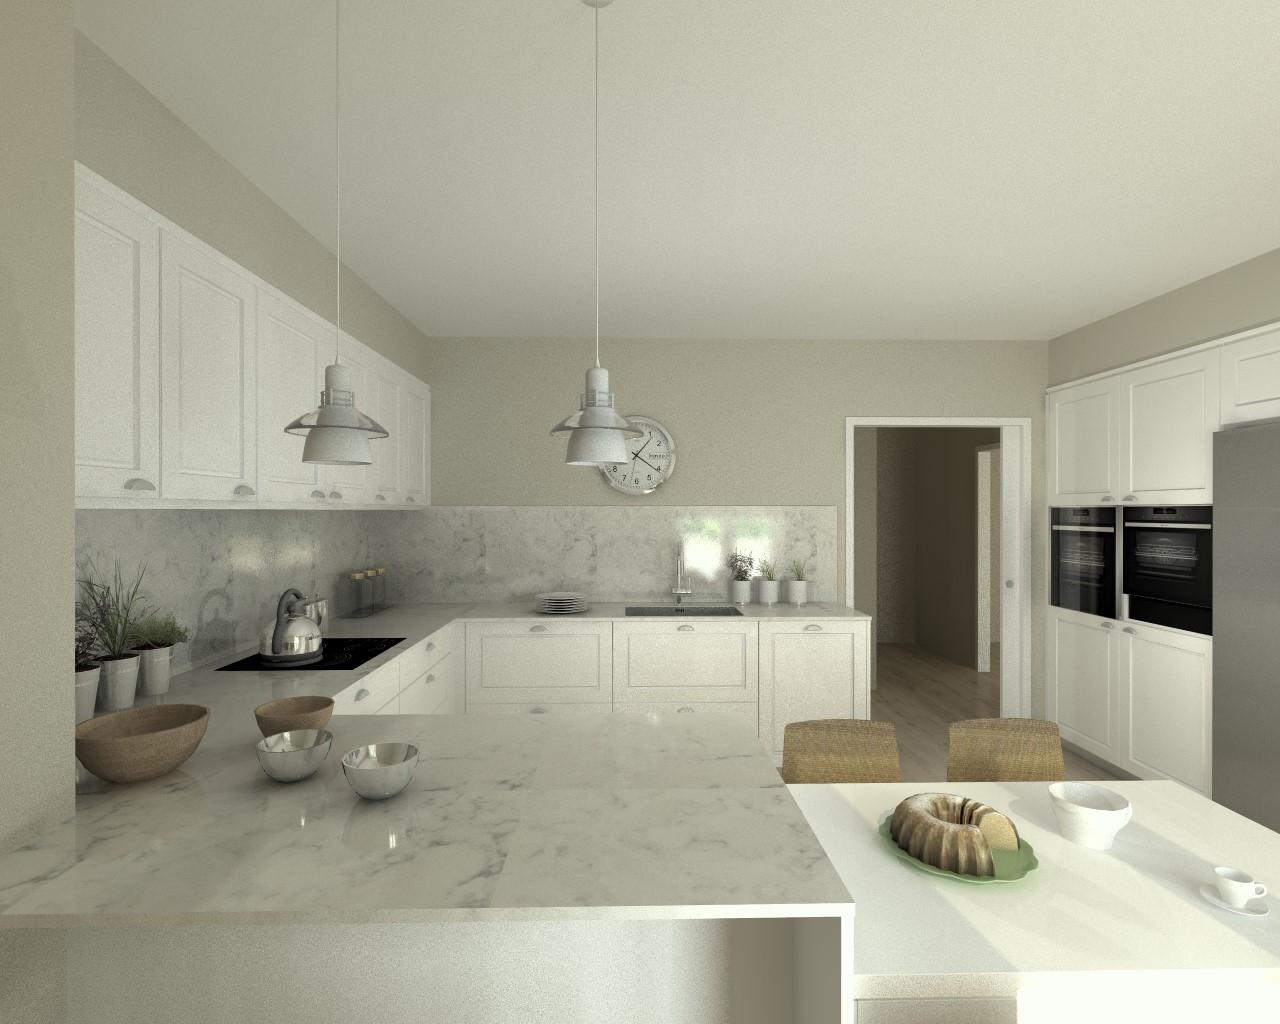 Aravaca cocina santos modelo epoca laca seda blanca - Cocinas blancas con silestone ...